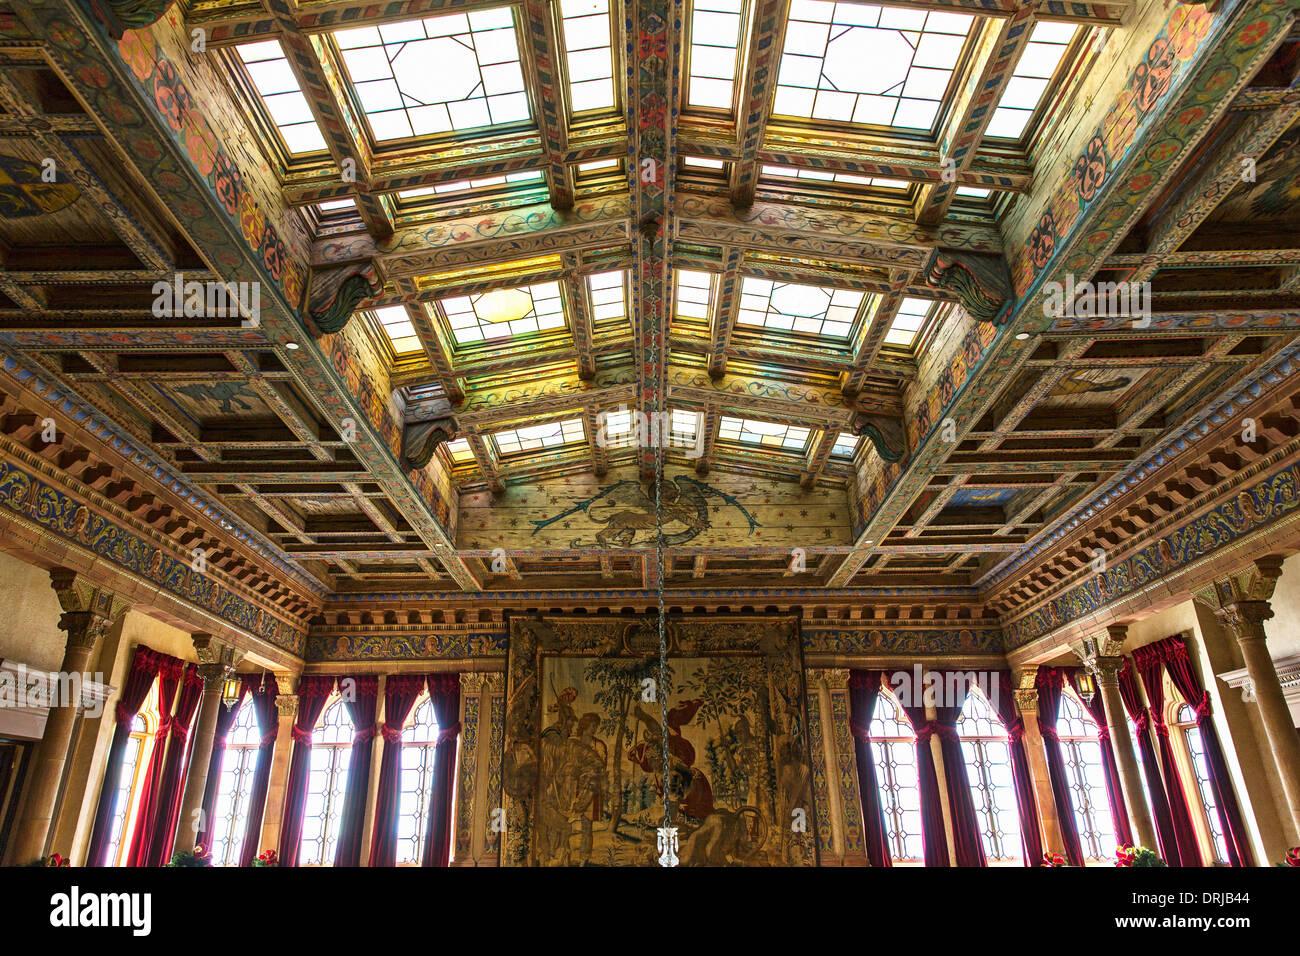 Stati Uniti d'America,Florida,Sarasota, John e Mable Ringling Museum of Art, particolare del soffitto della Immagini Stock